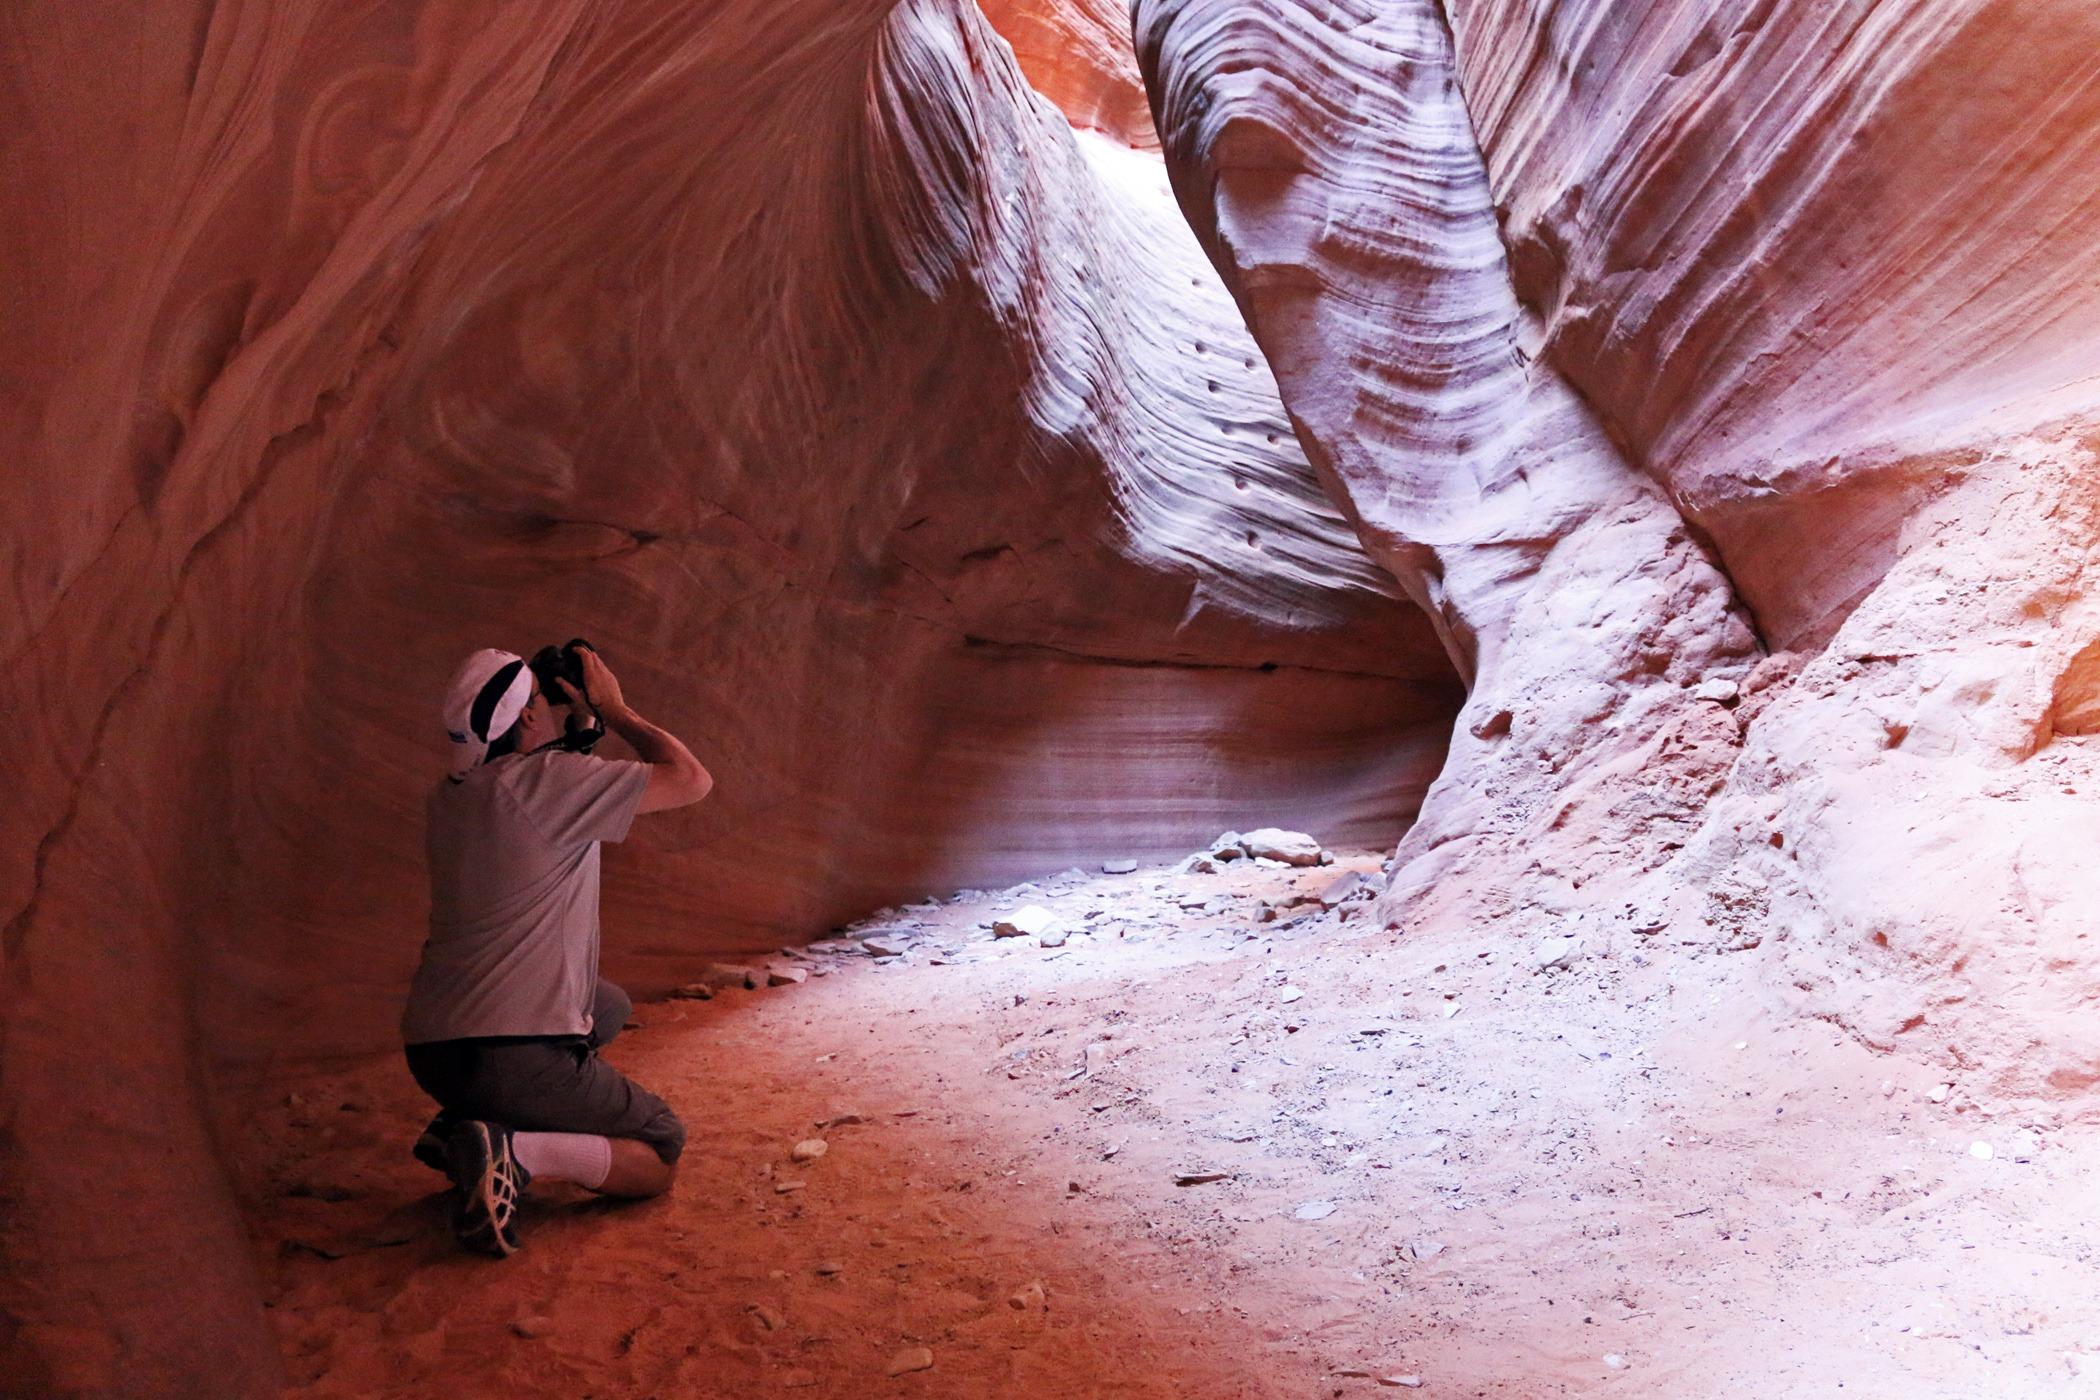 Man photographs Moqui steps